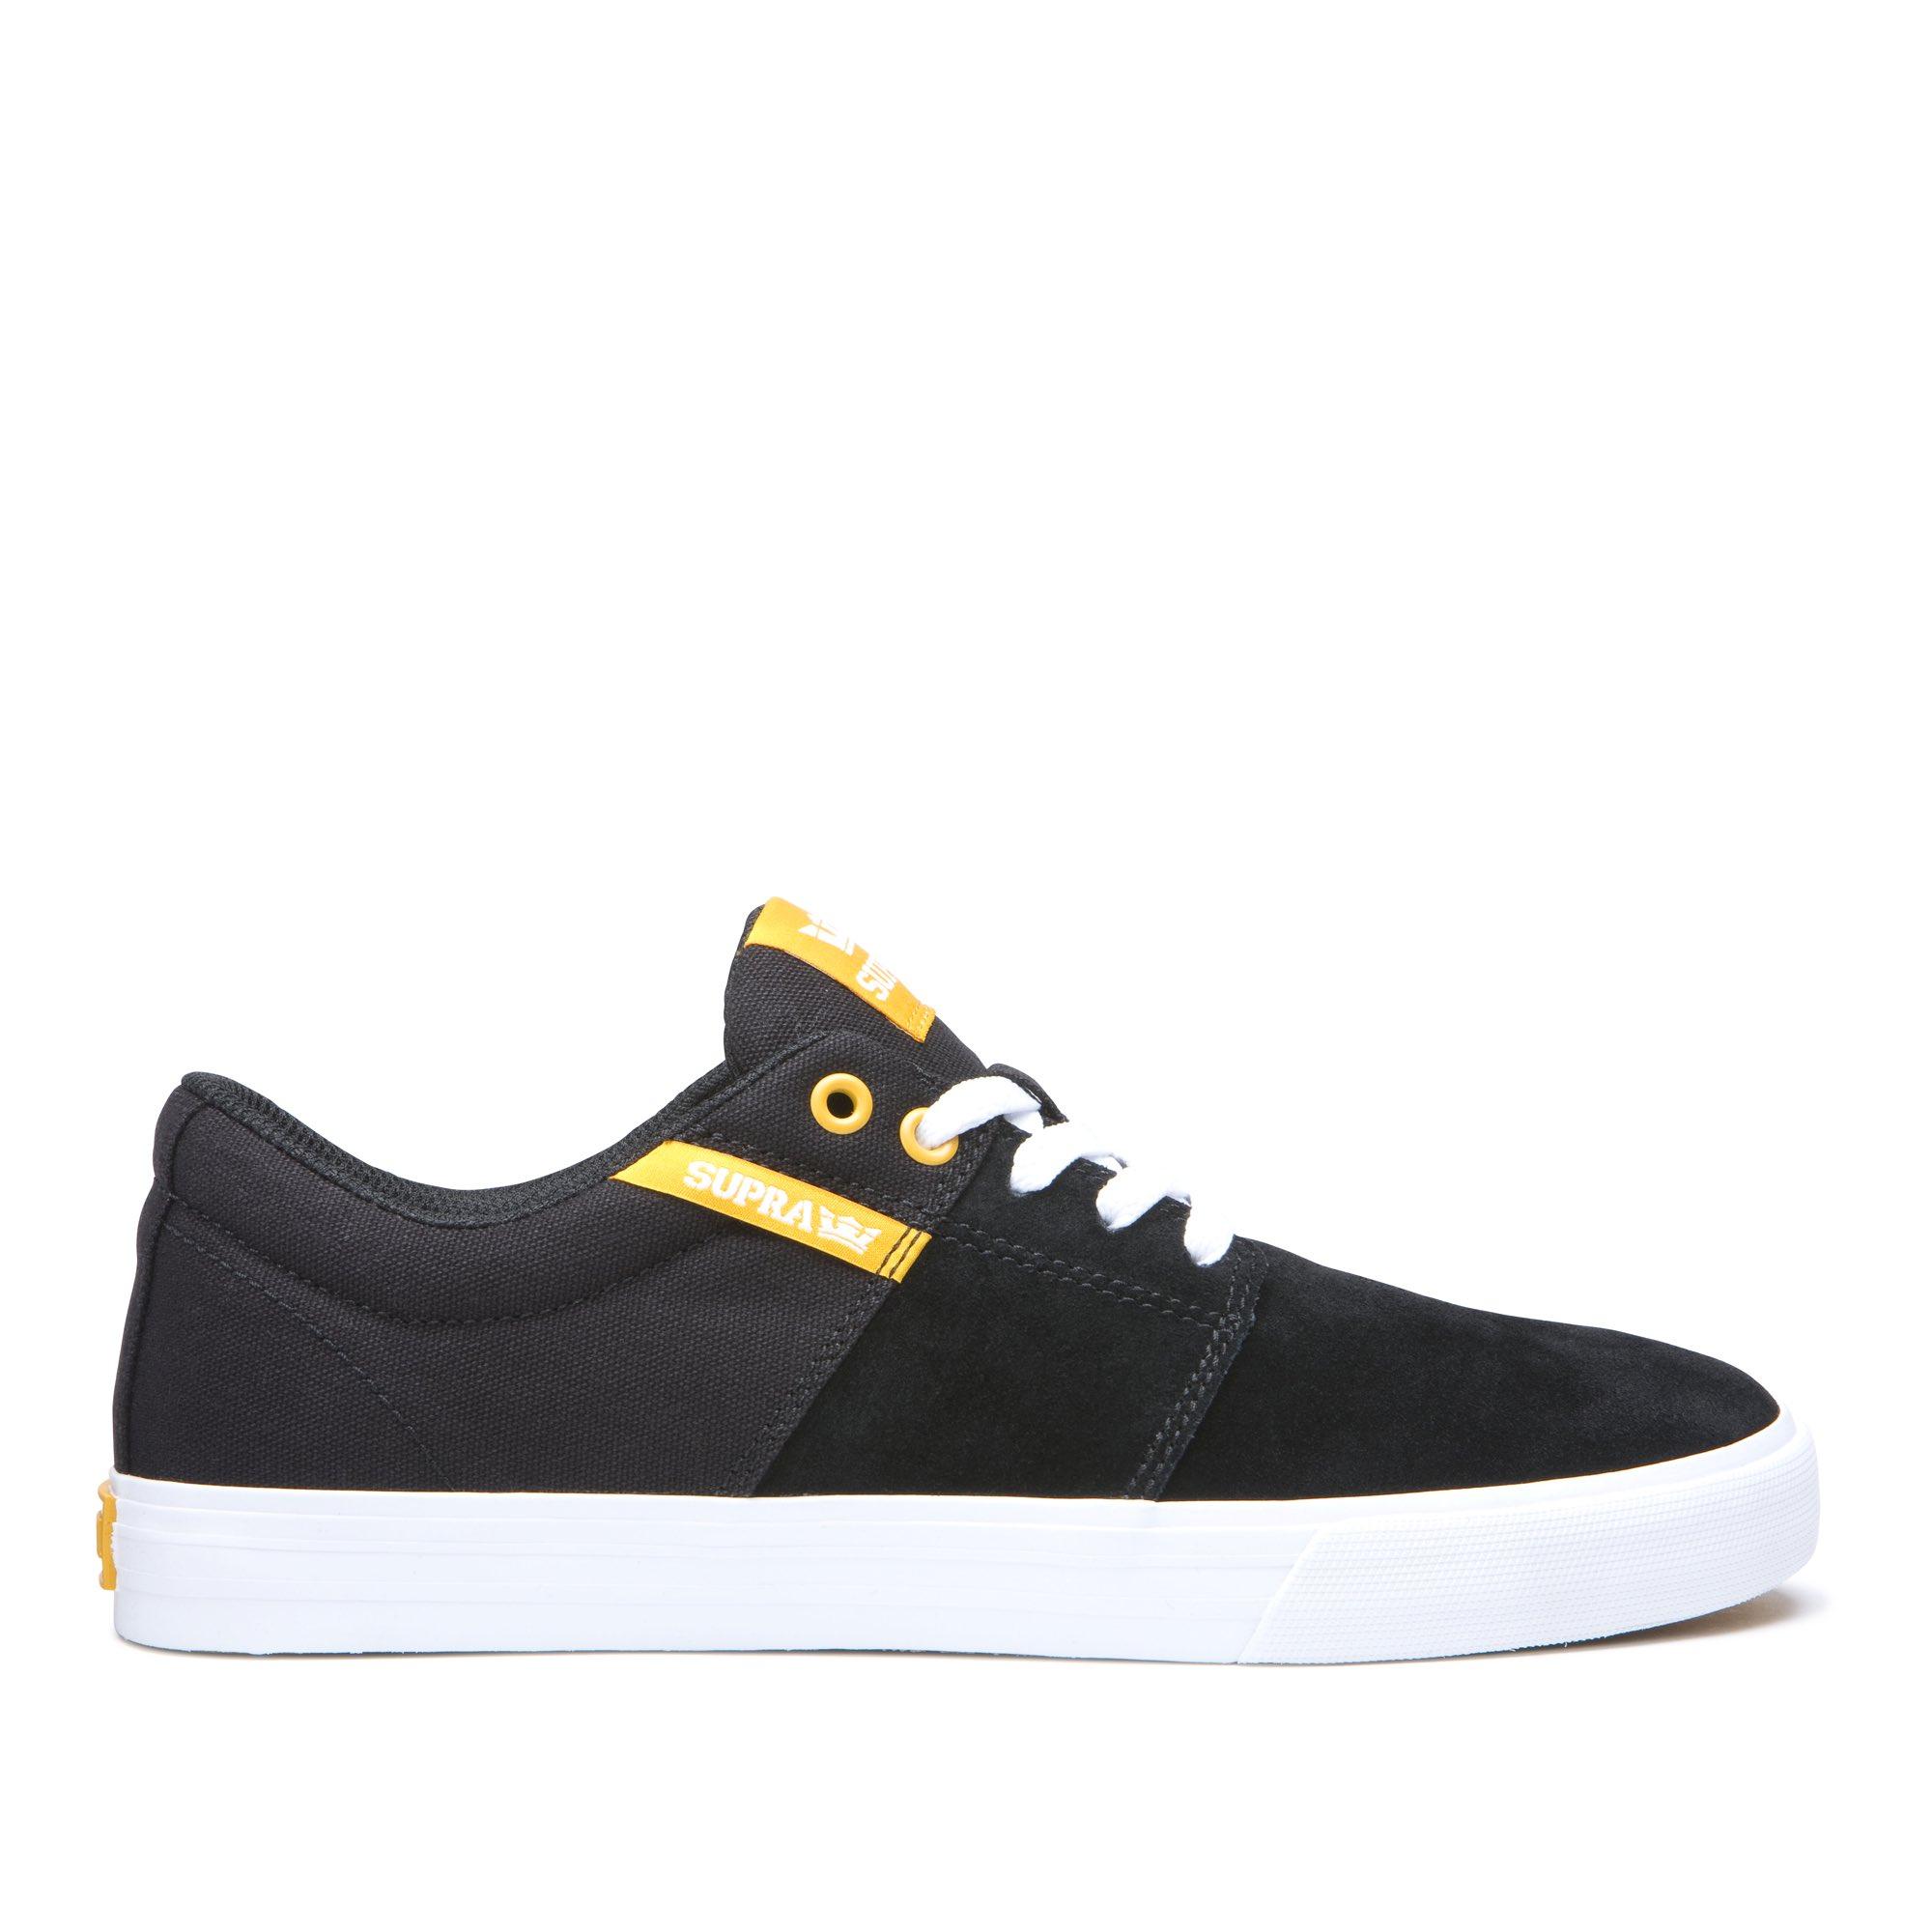 画像1: SUPRA FOOTWEAR : STACKS II VULC : BLACK/GOLDEN-WHITE